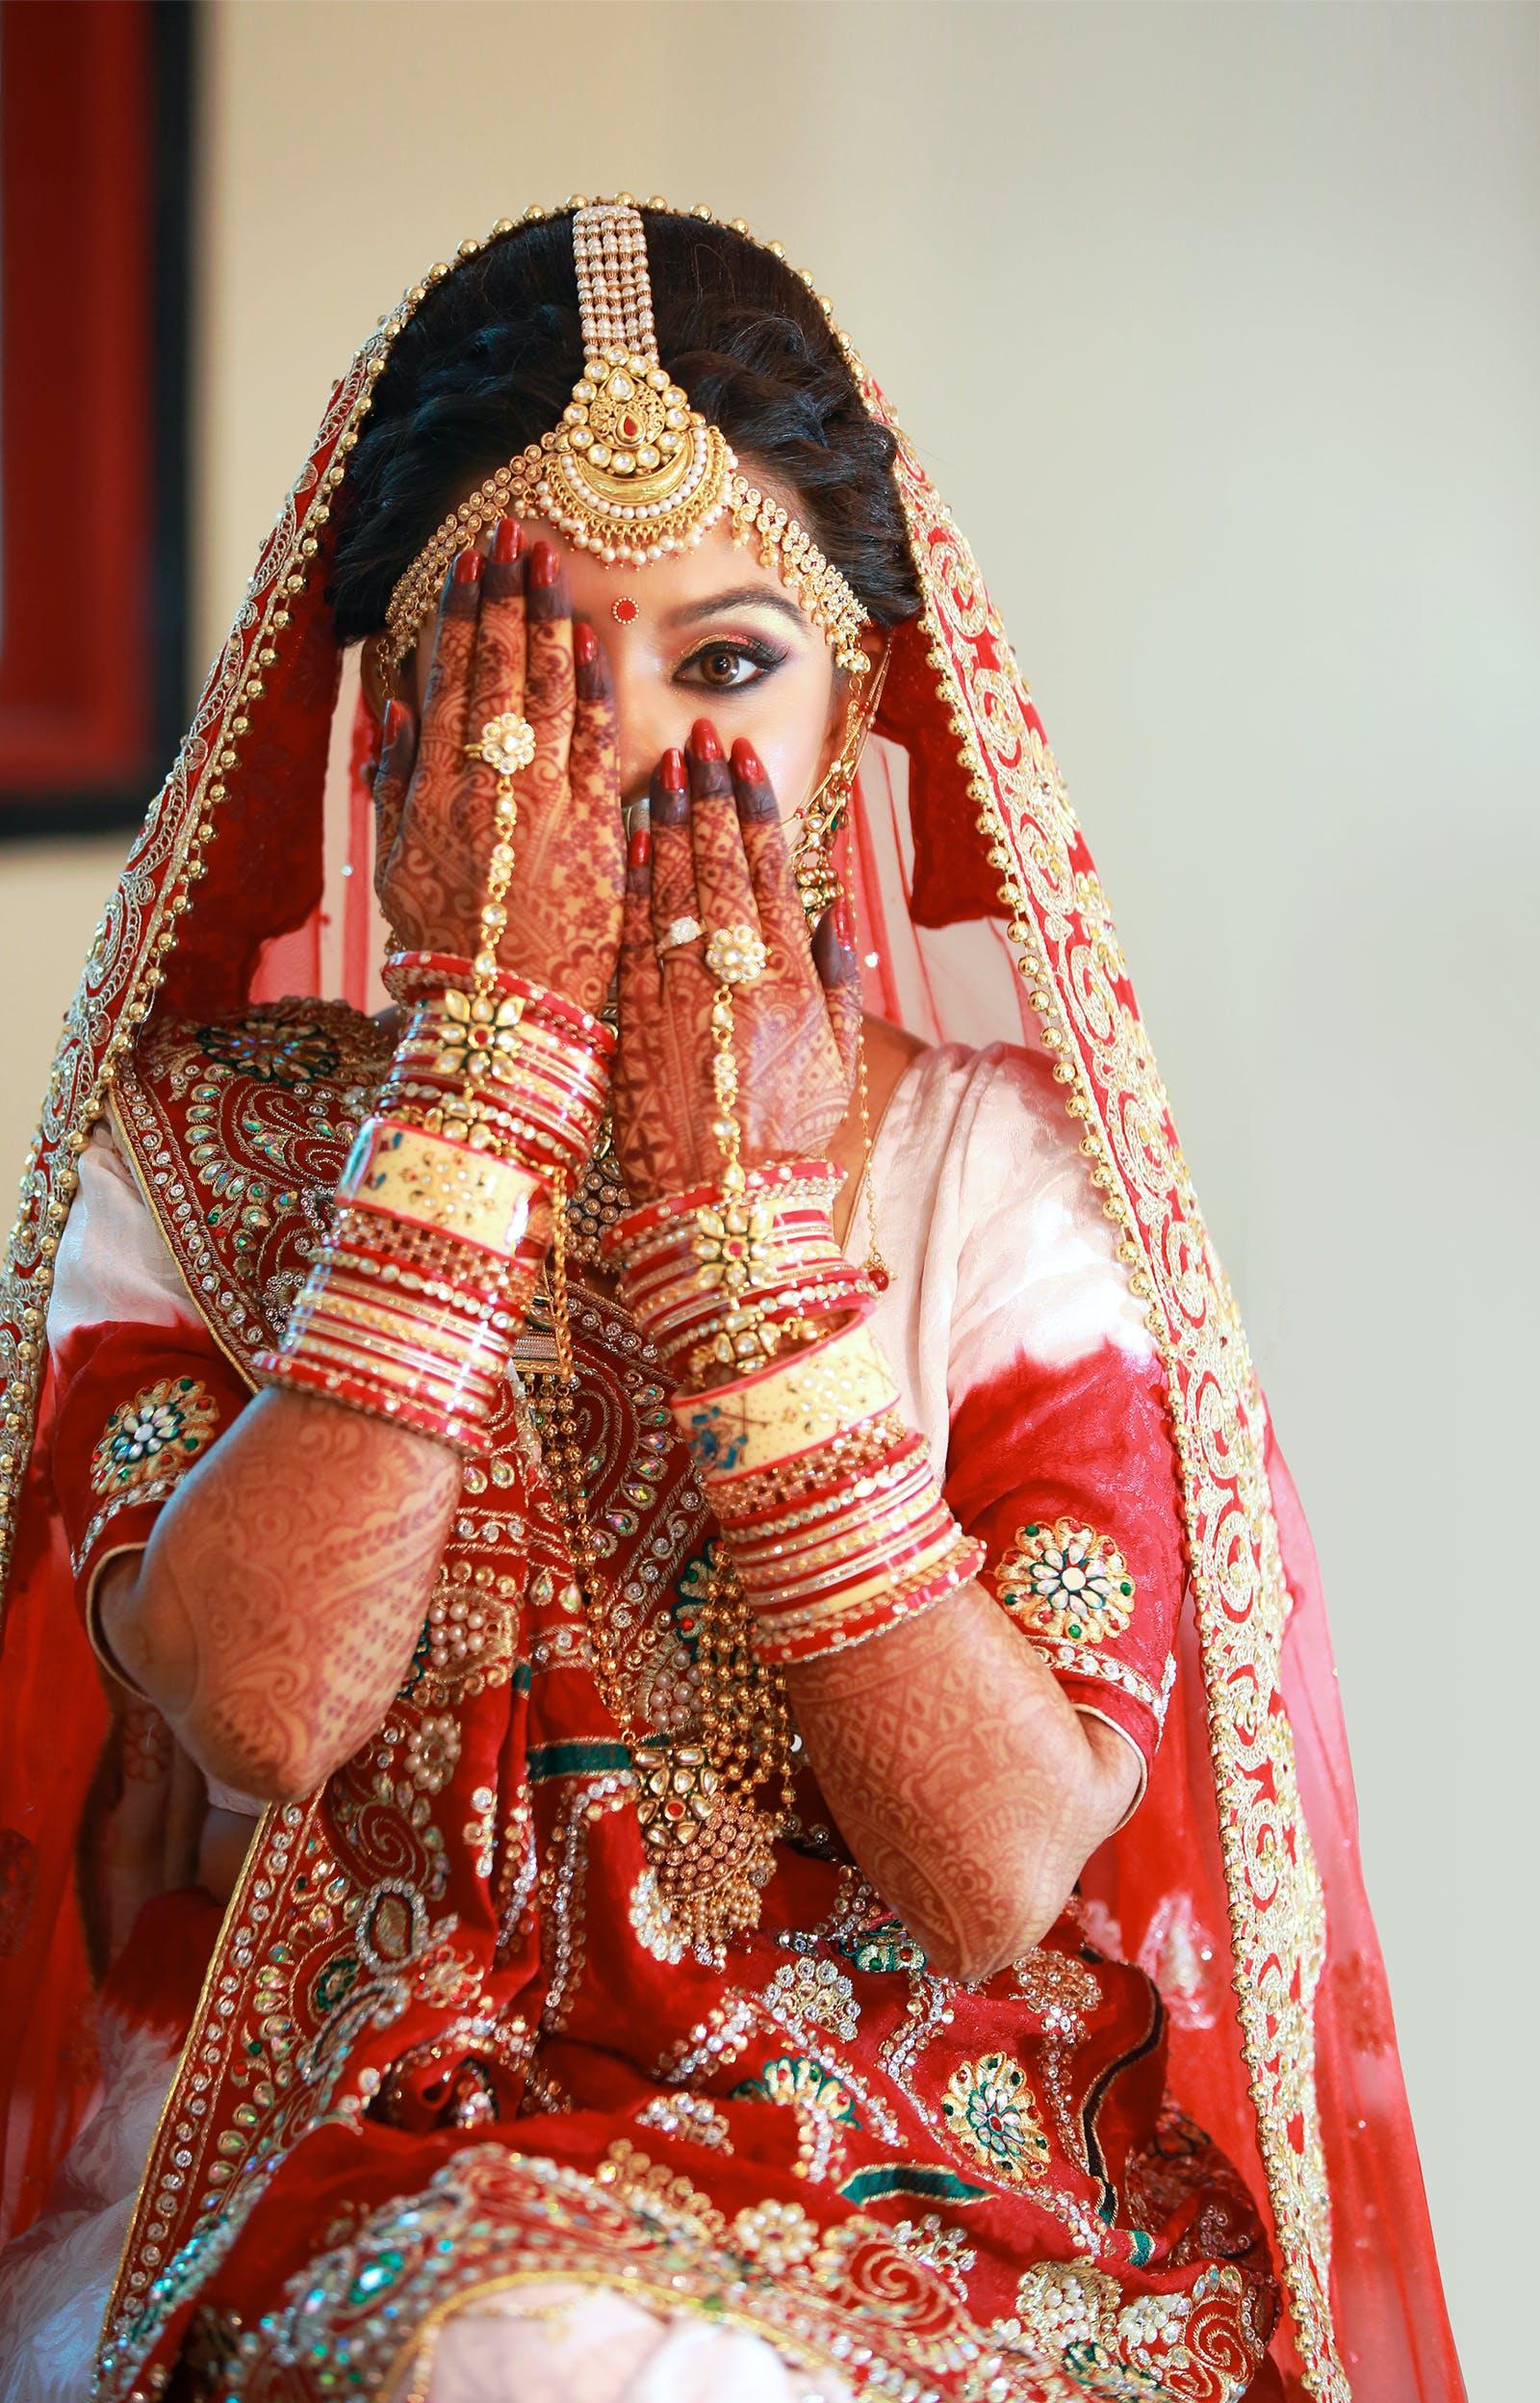 Gratis lagerfoto af brud, bryllup, ceremoni, folk